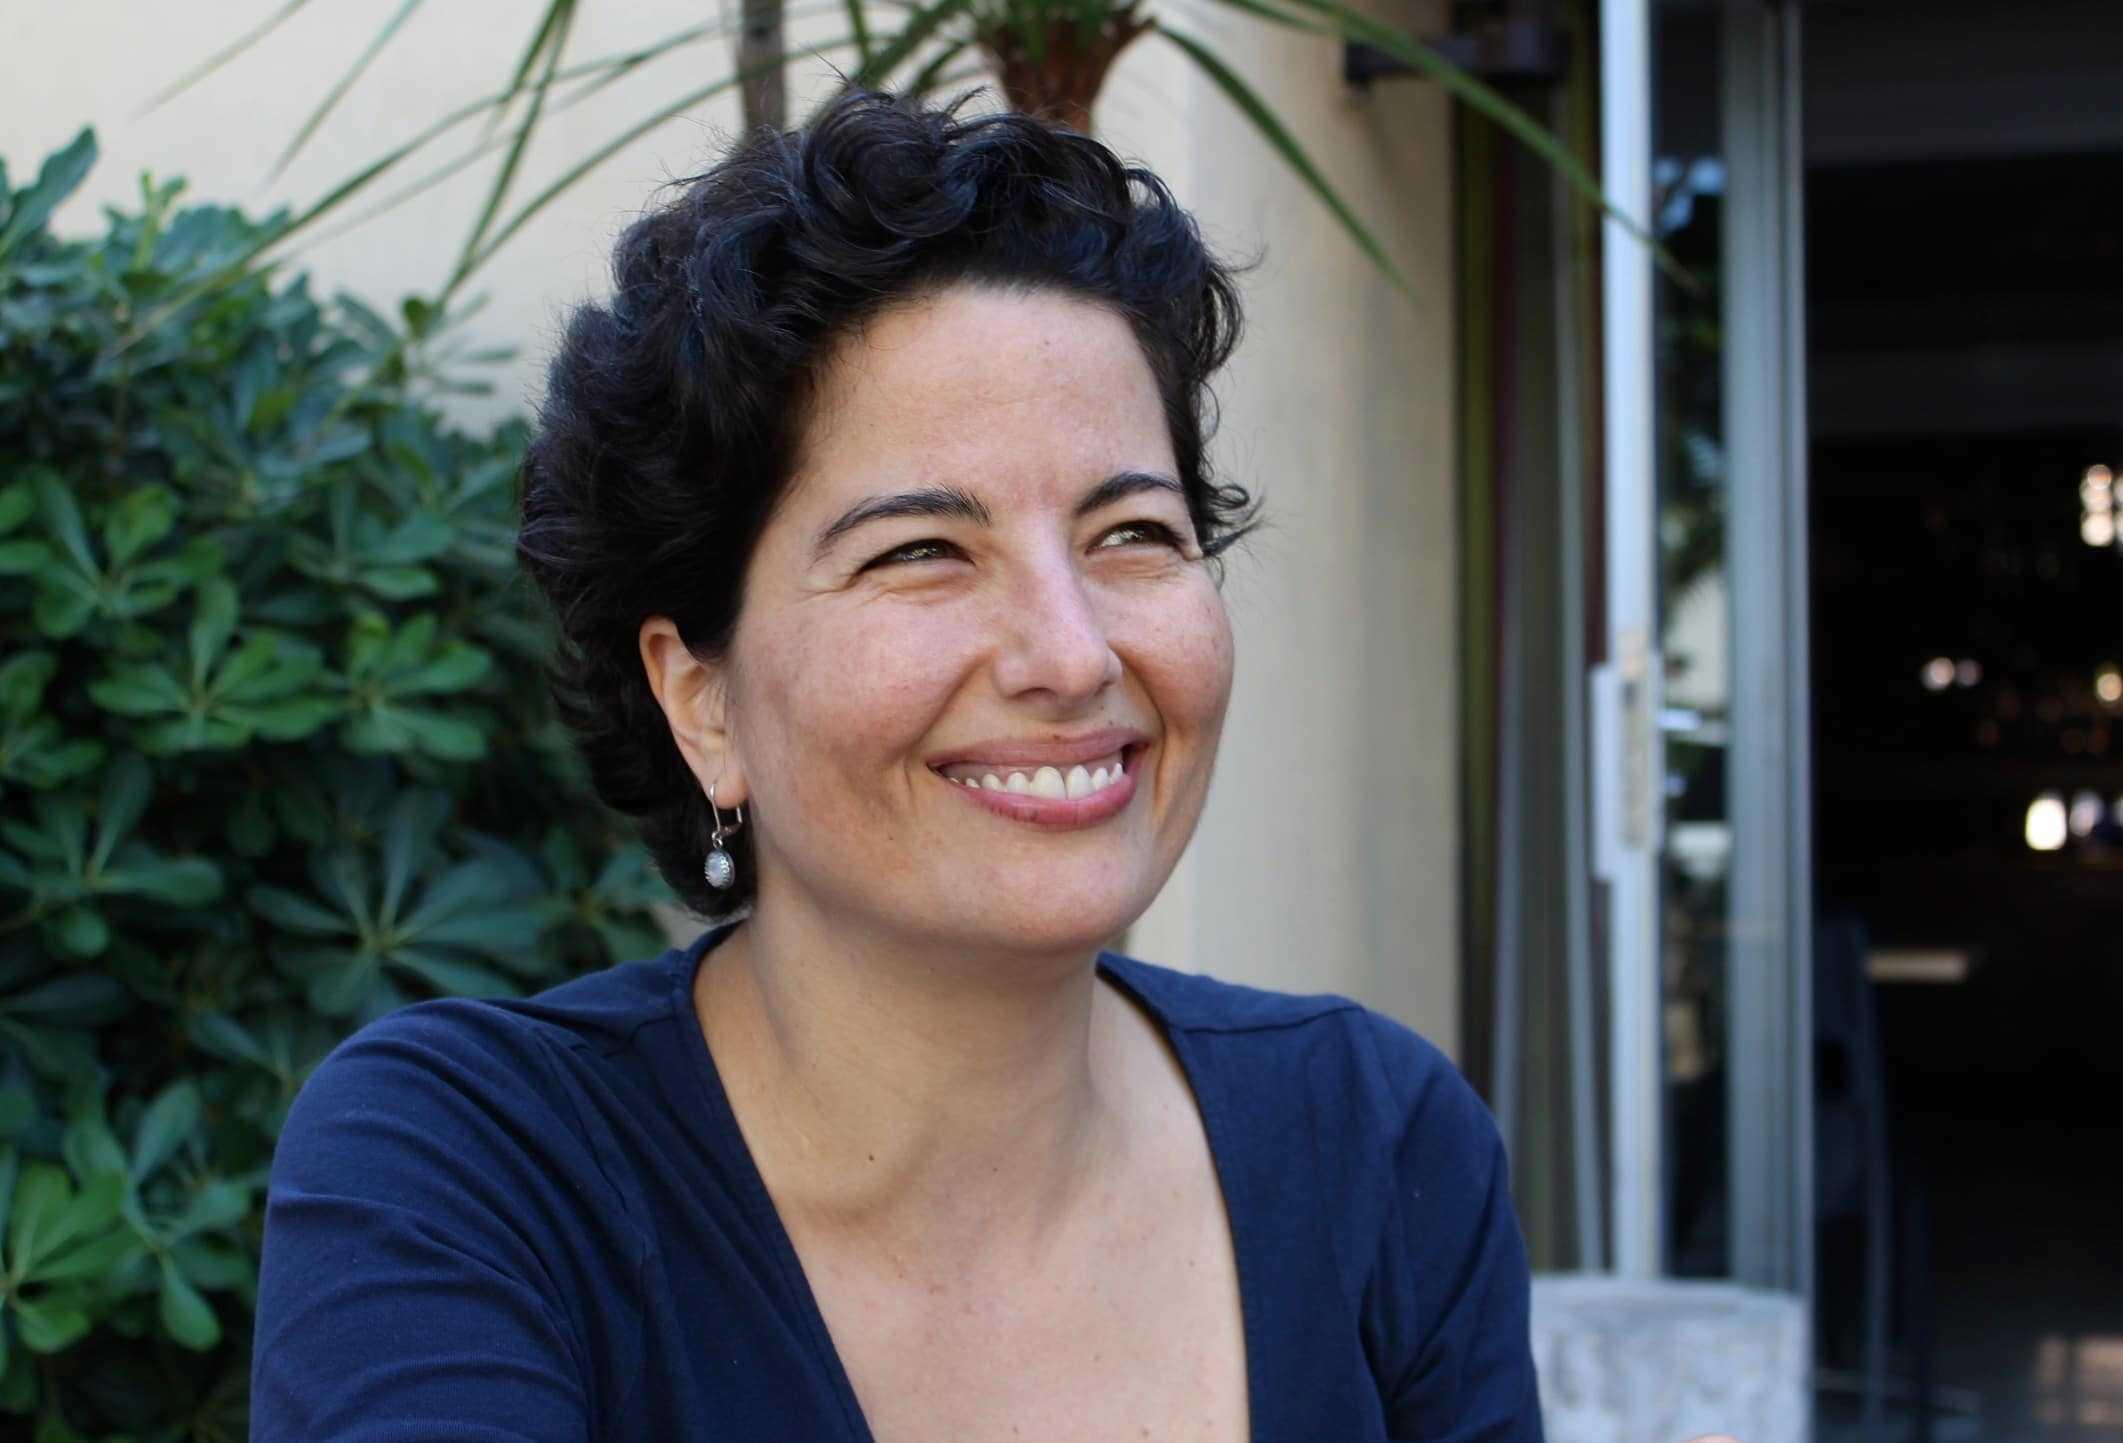 Rencontre avec Béatrice Tillier à Palavas, du Bois des Vierges à La Complainte des landes perdues